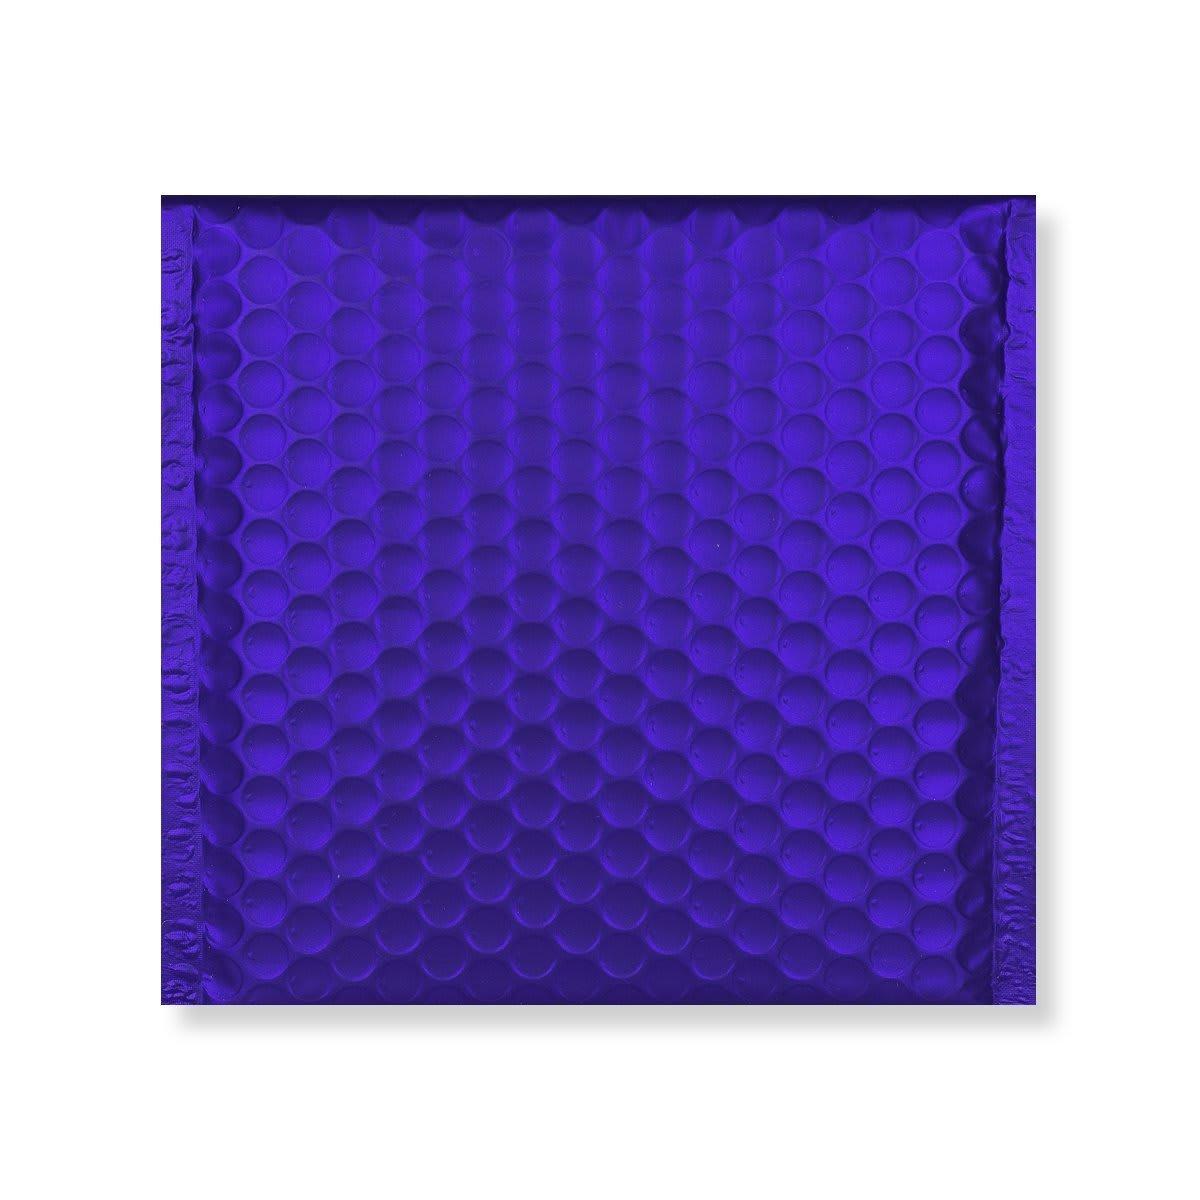 165MM SQUARE MATT METALLIC DARK BLUE PADDED ENVELOPES